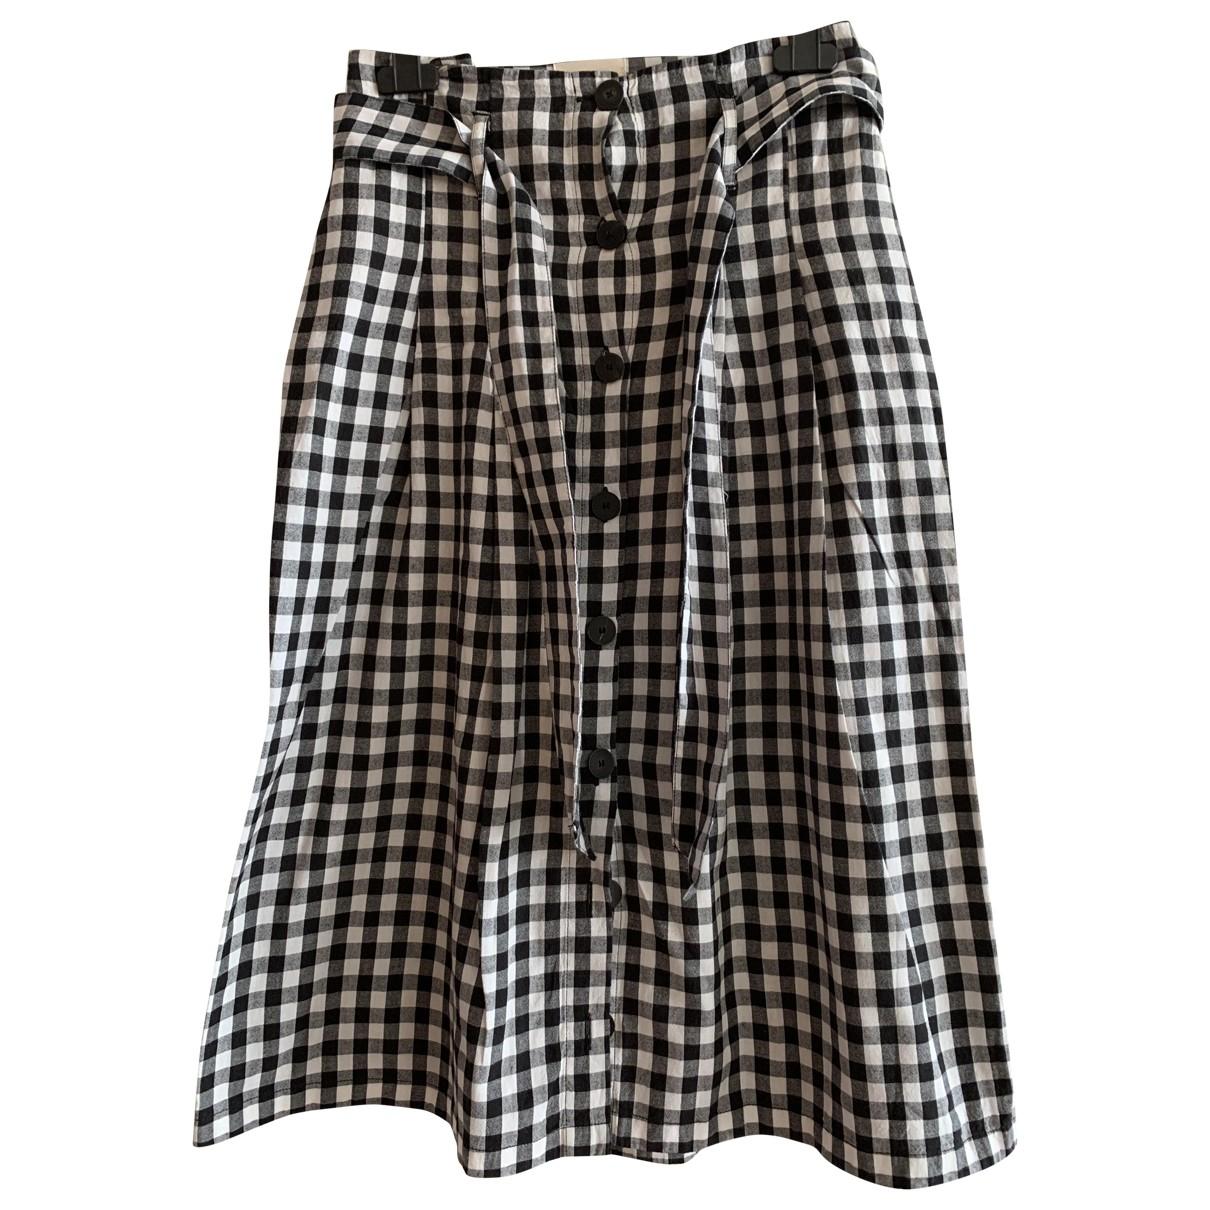 Sezane - Jupe Spring Summer 2019 pour femme en coton - noir